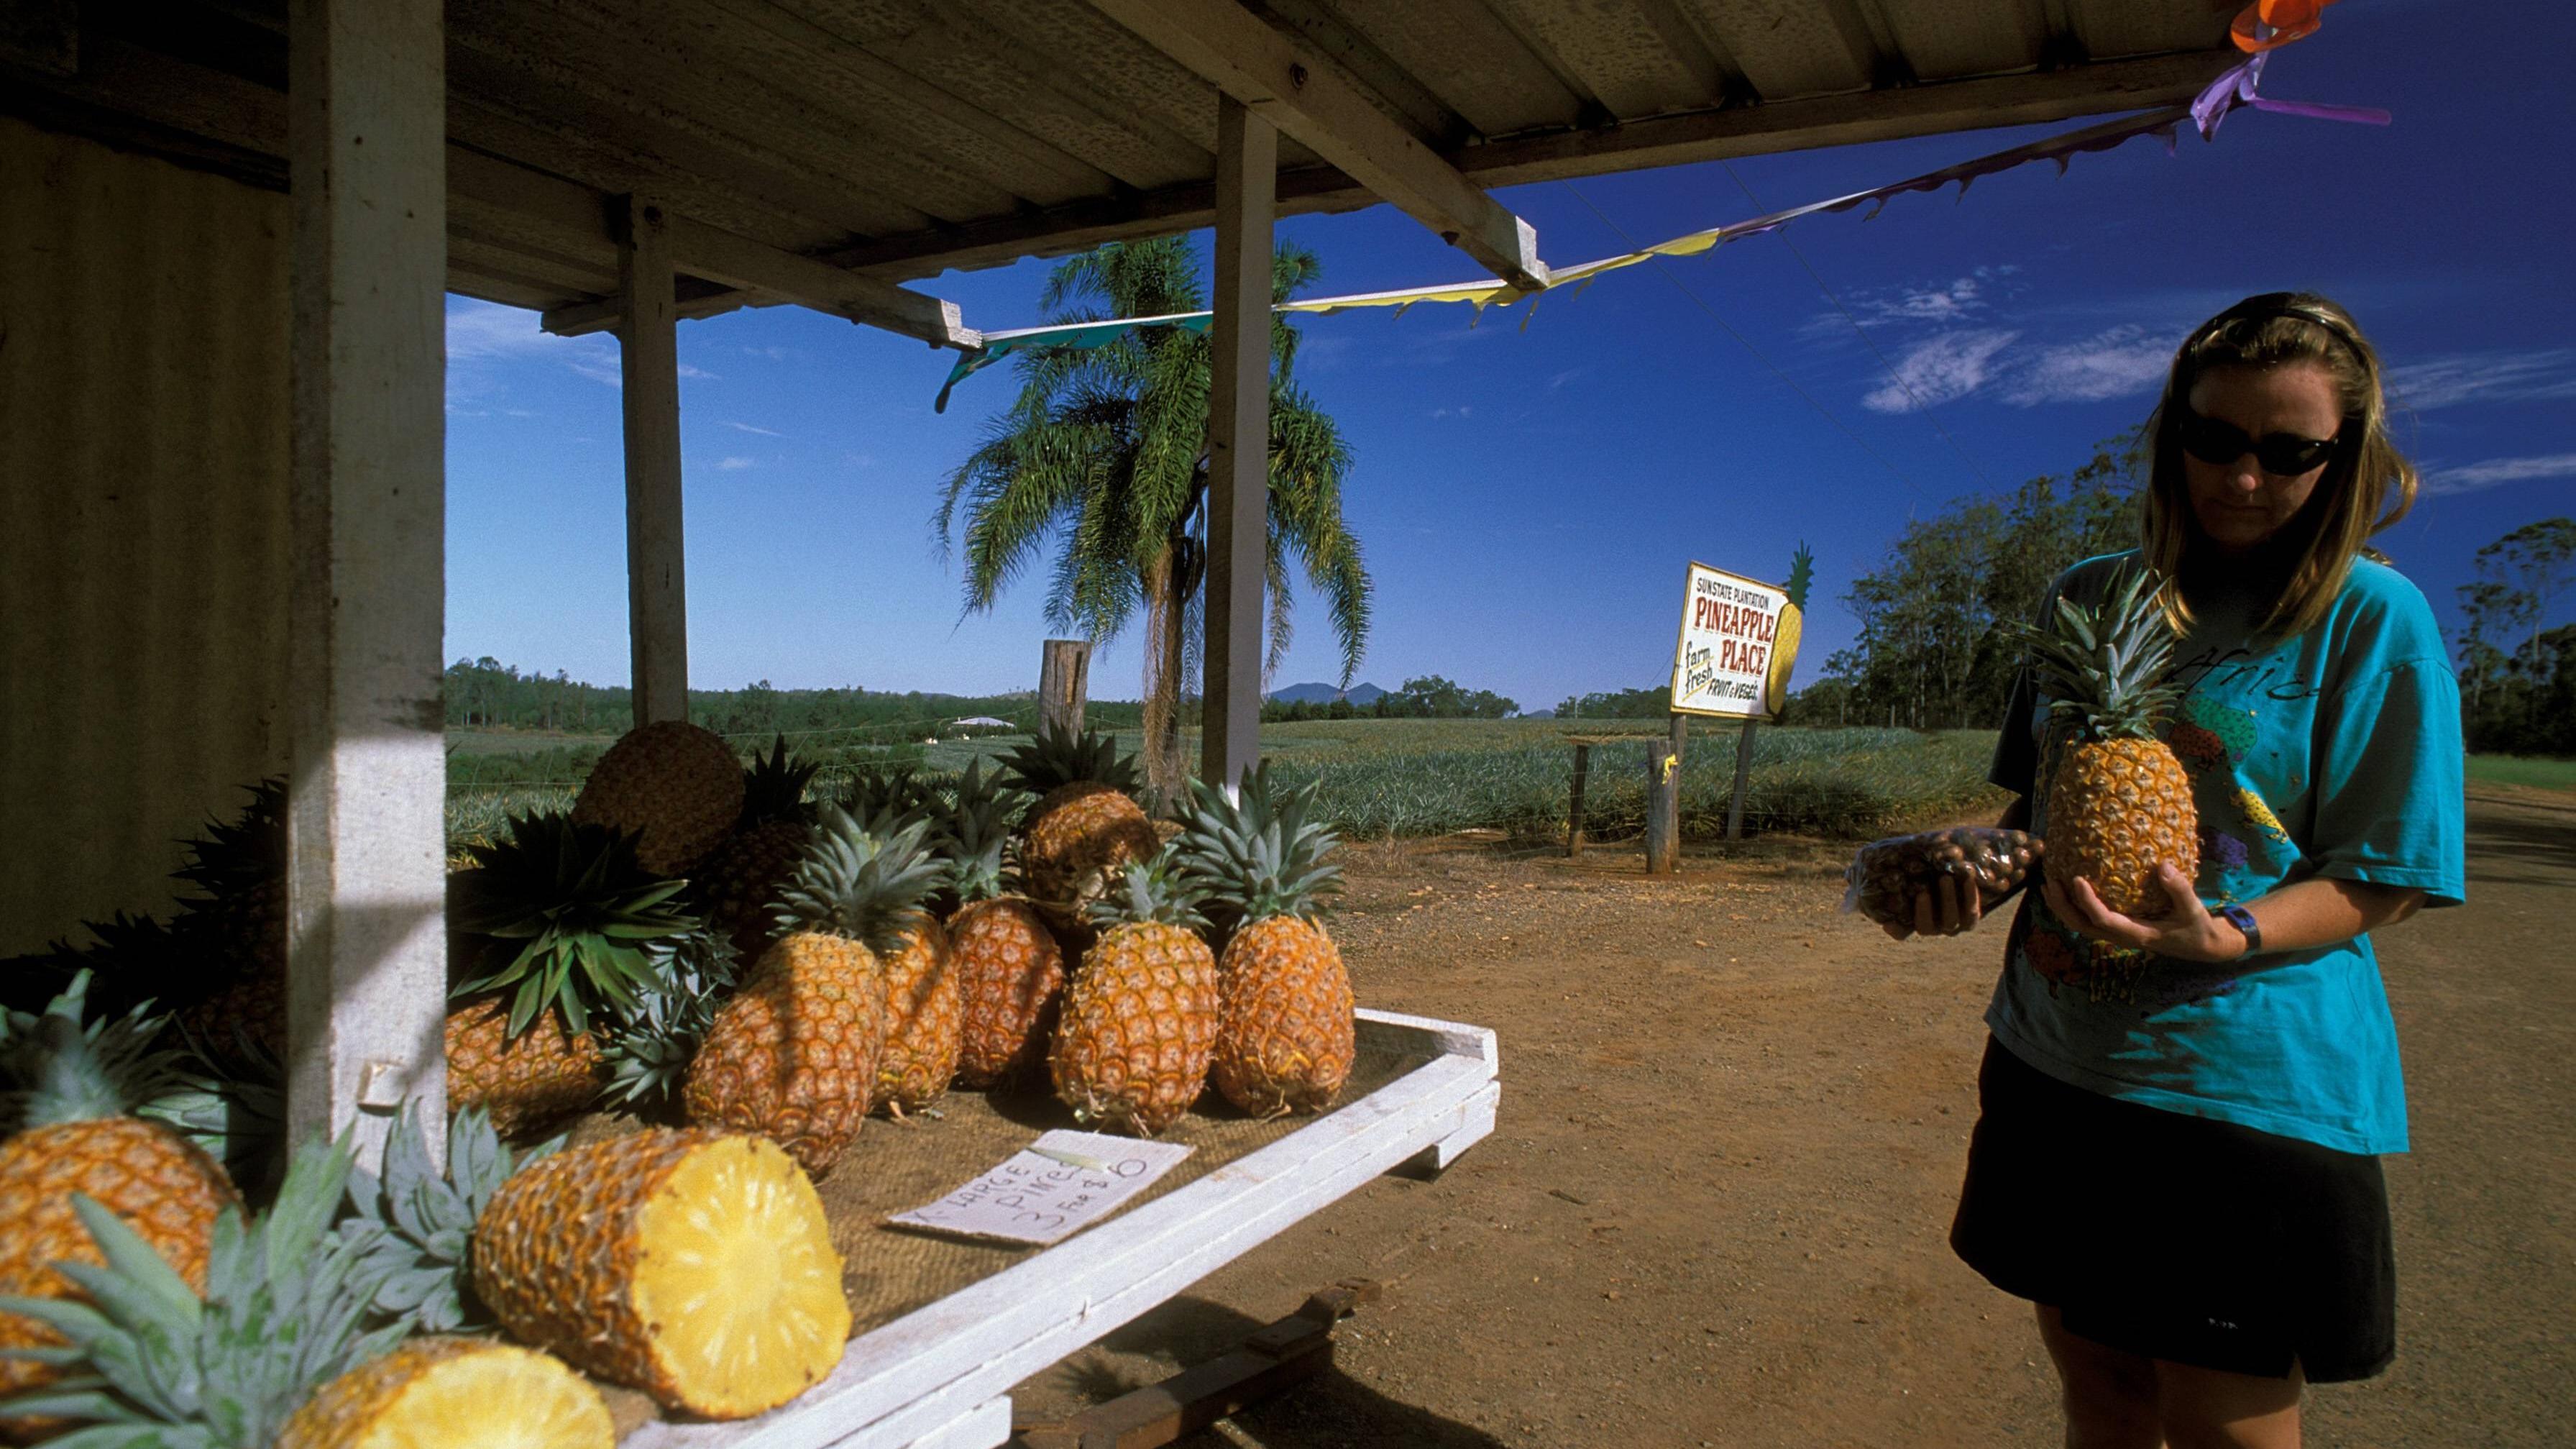 Kalorien von Ananas: Das steckt alles in der Frucht